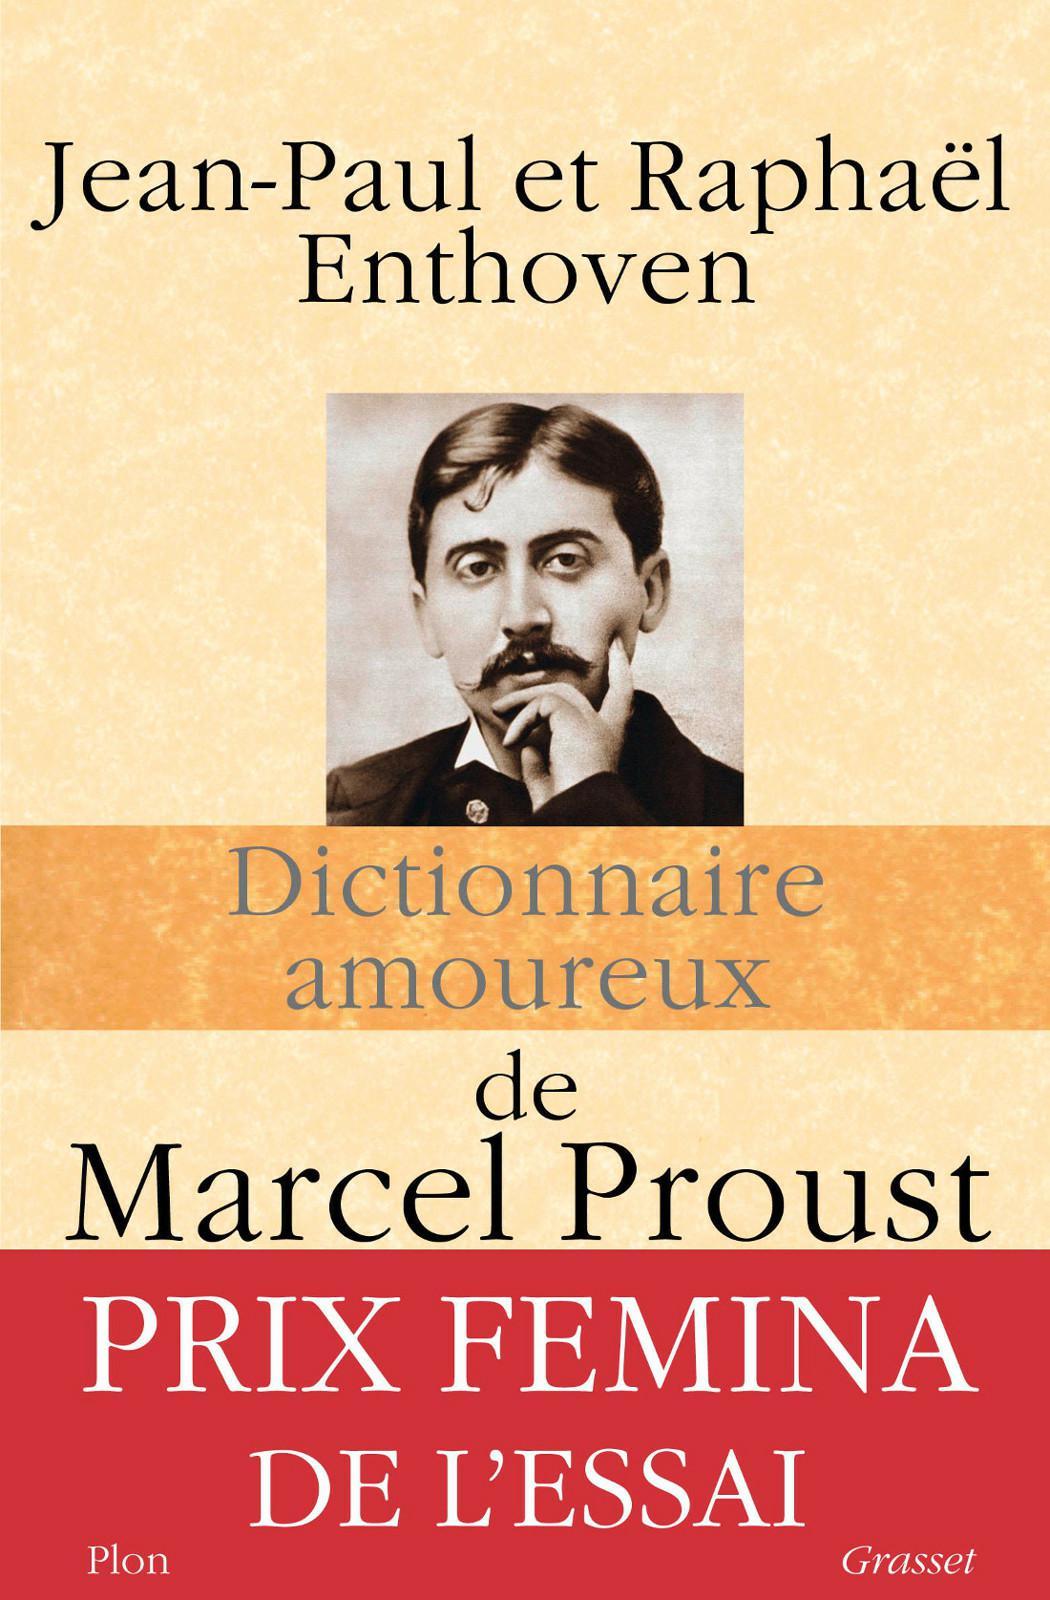 Marcel Proust - Dictionnaire amoureux